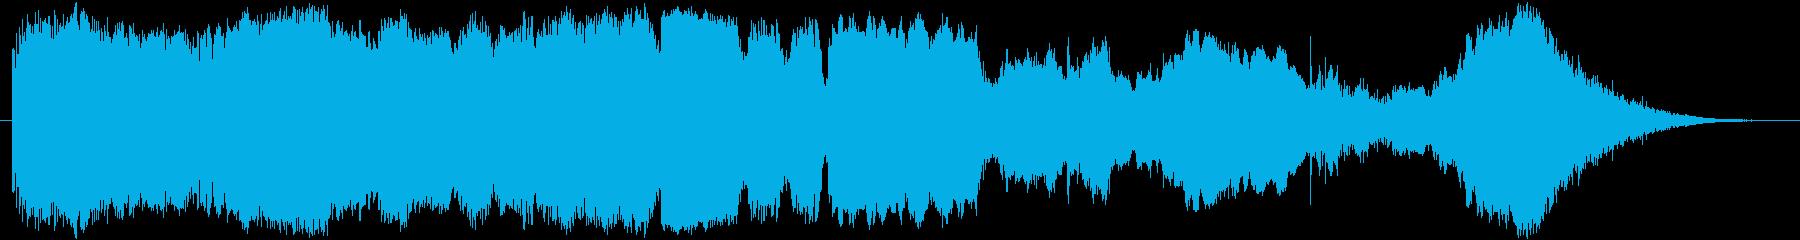 ホラーに合うミステリアスで厳かなBGMの再生済みの波形